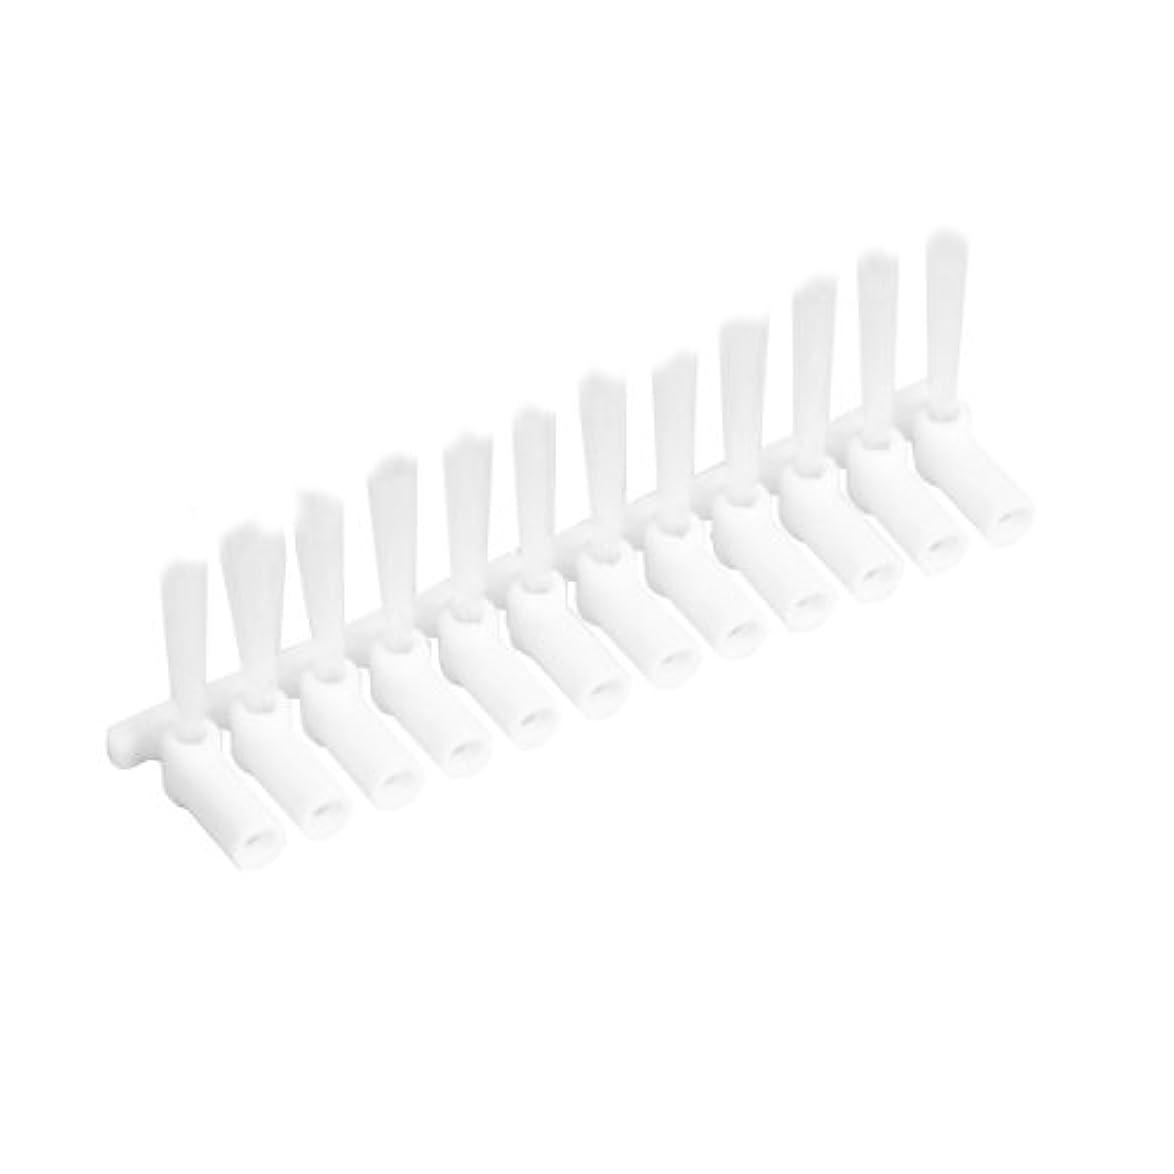 ファックスエンドテーブル接続された山善 電動歯間ブラシ デンタルペッカー専用替ブラシ 12本(専用保管ケース付) DPK-10